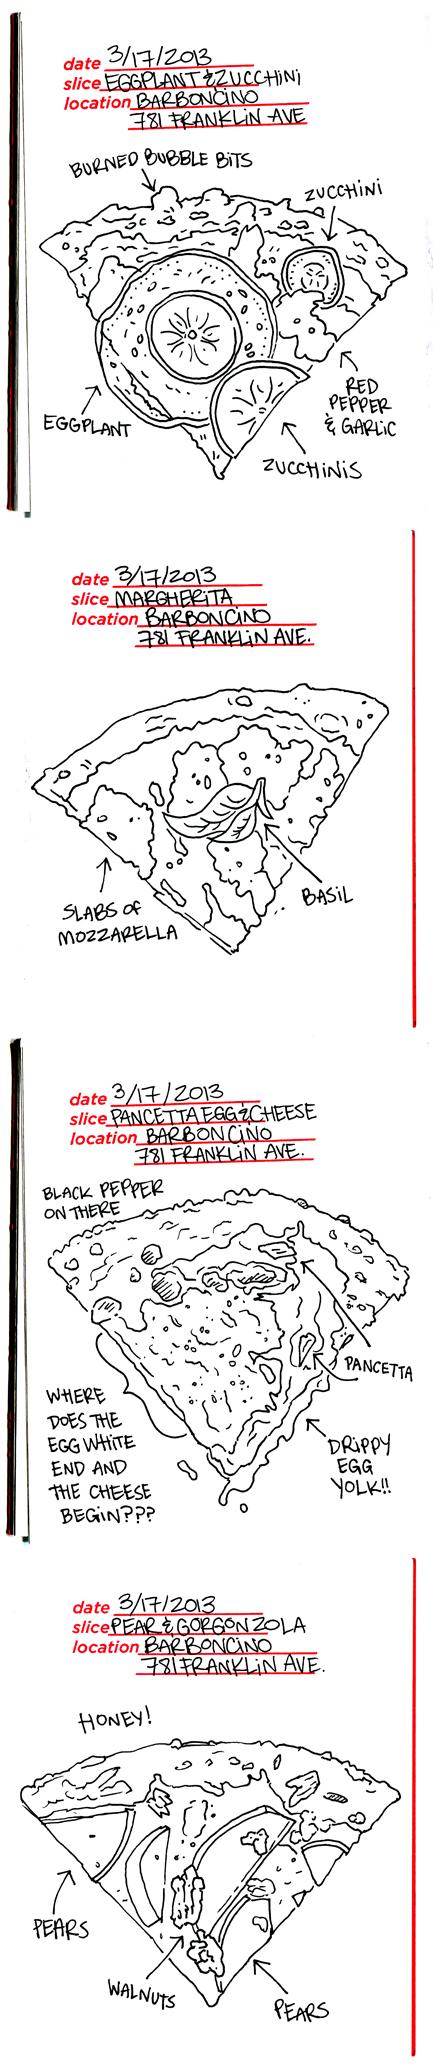 Pizza Diary 3/17/2013